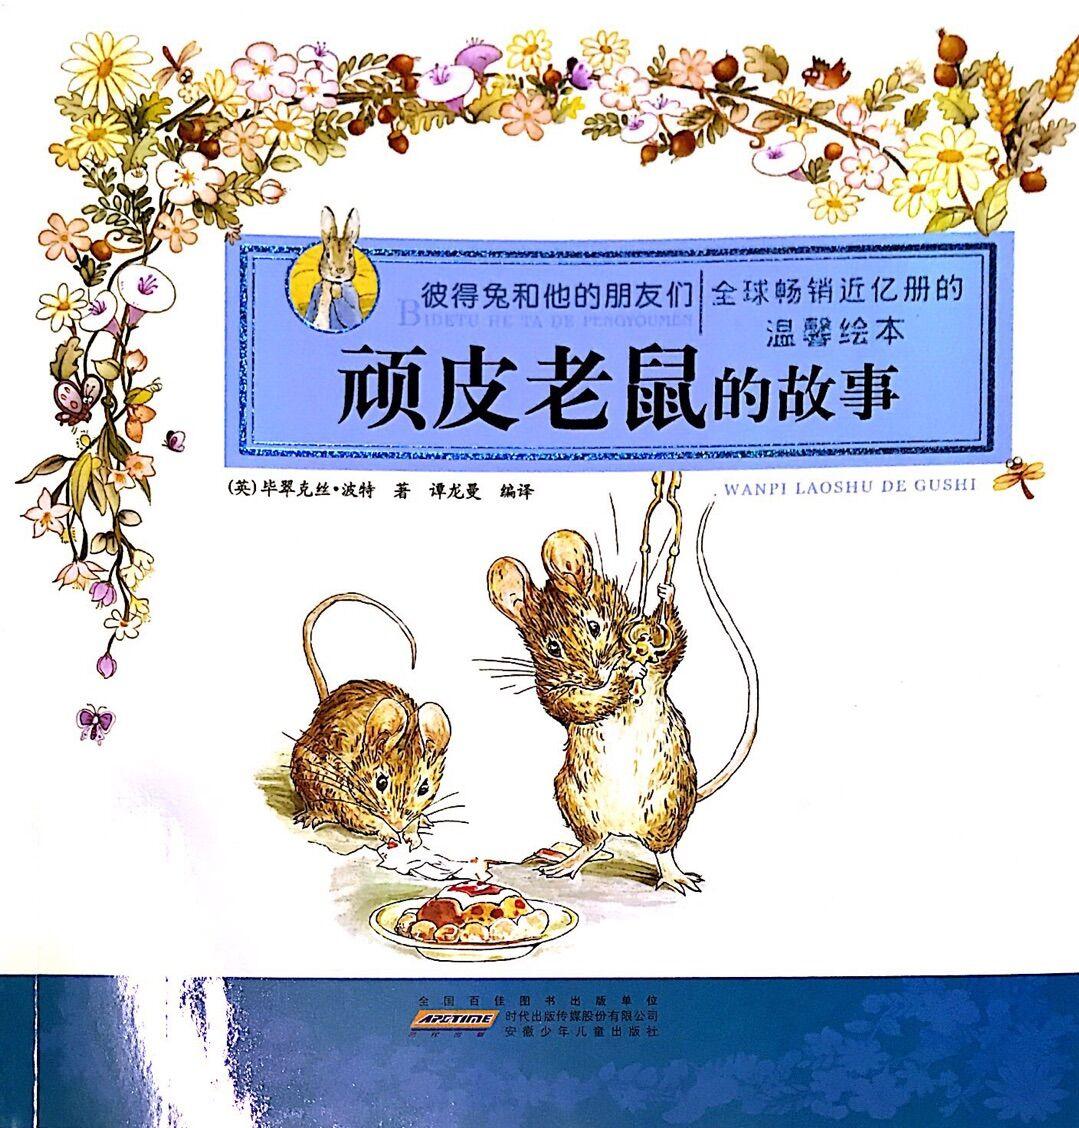 彼得兔和他的朋友们:顽皮老鼠的故事